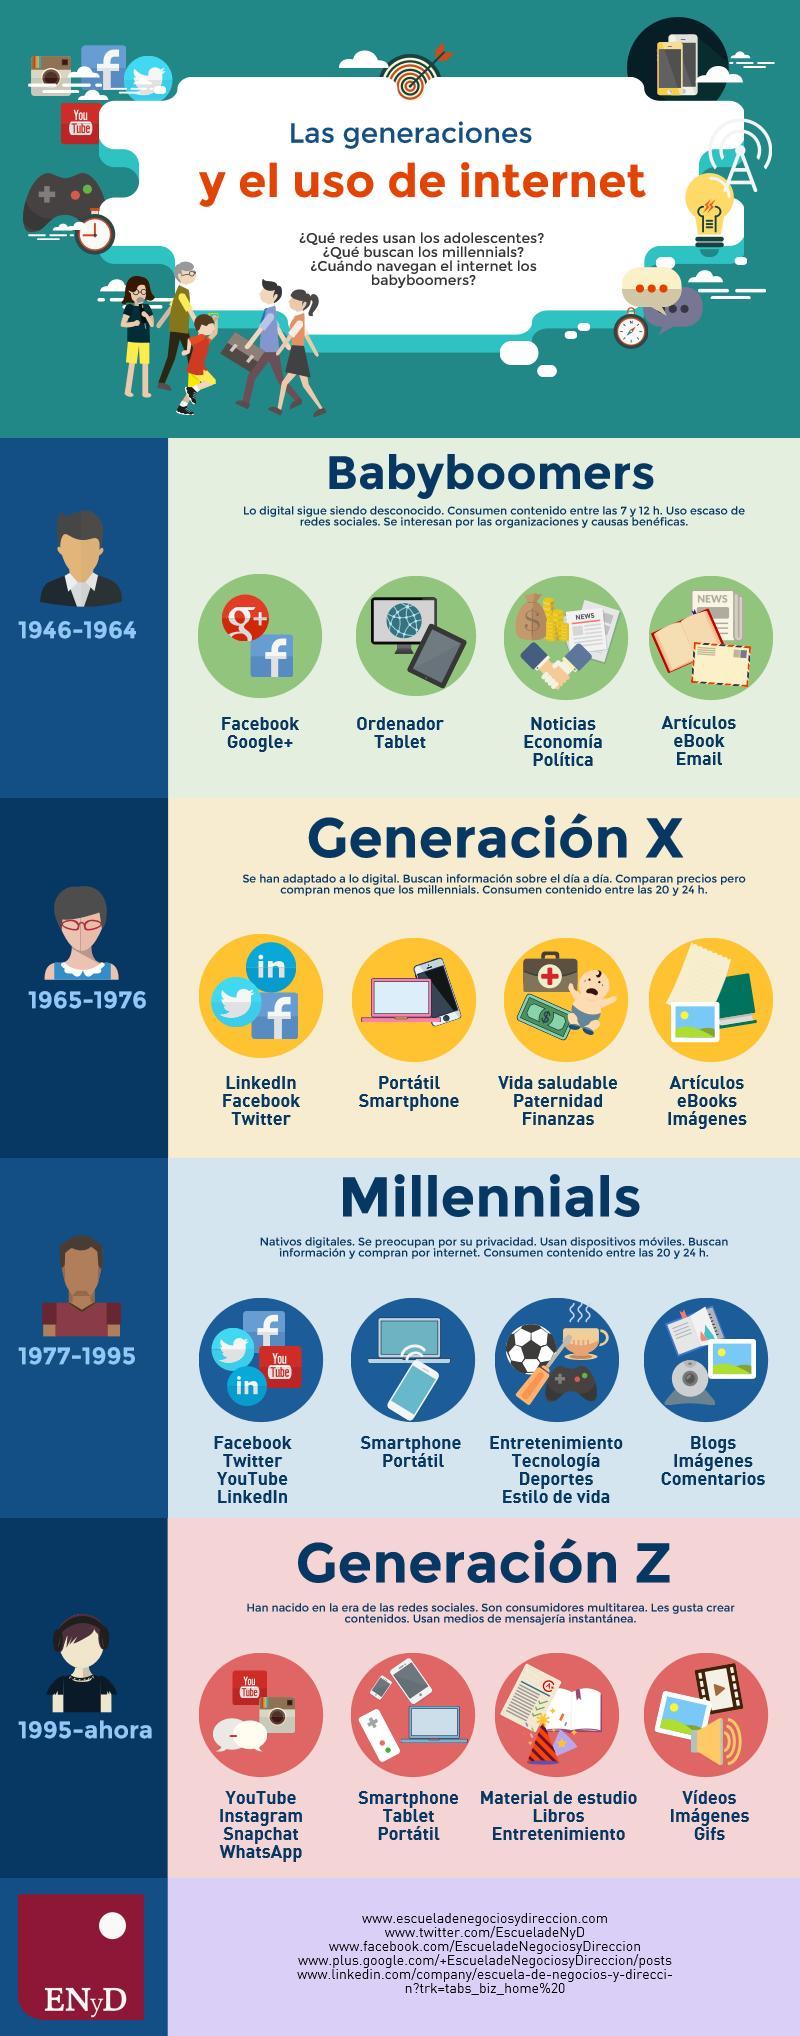 Babyboomers,Generación X, Millennials,Generación Z